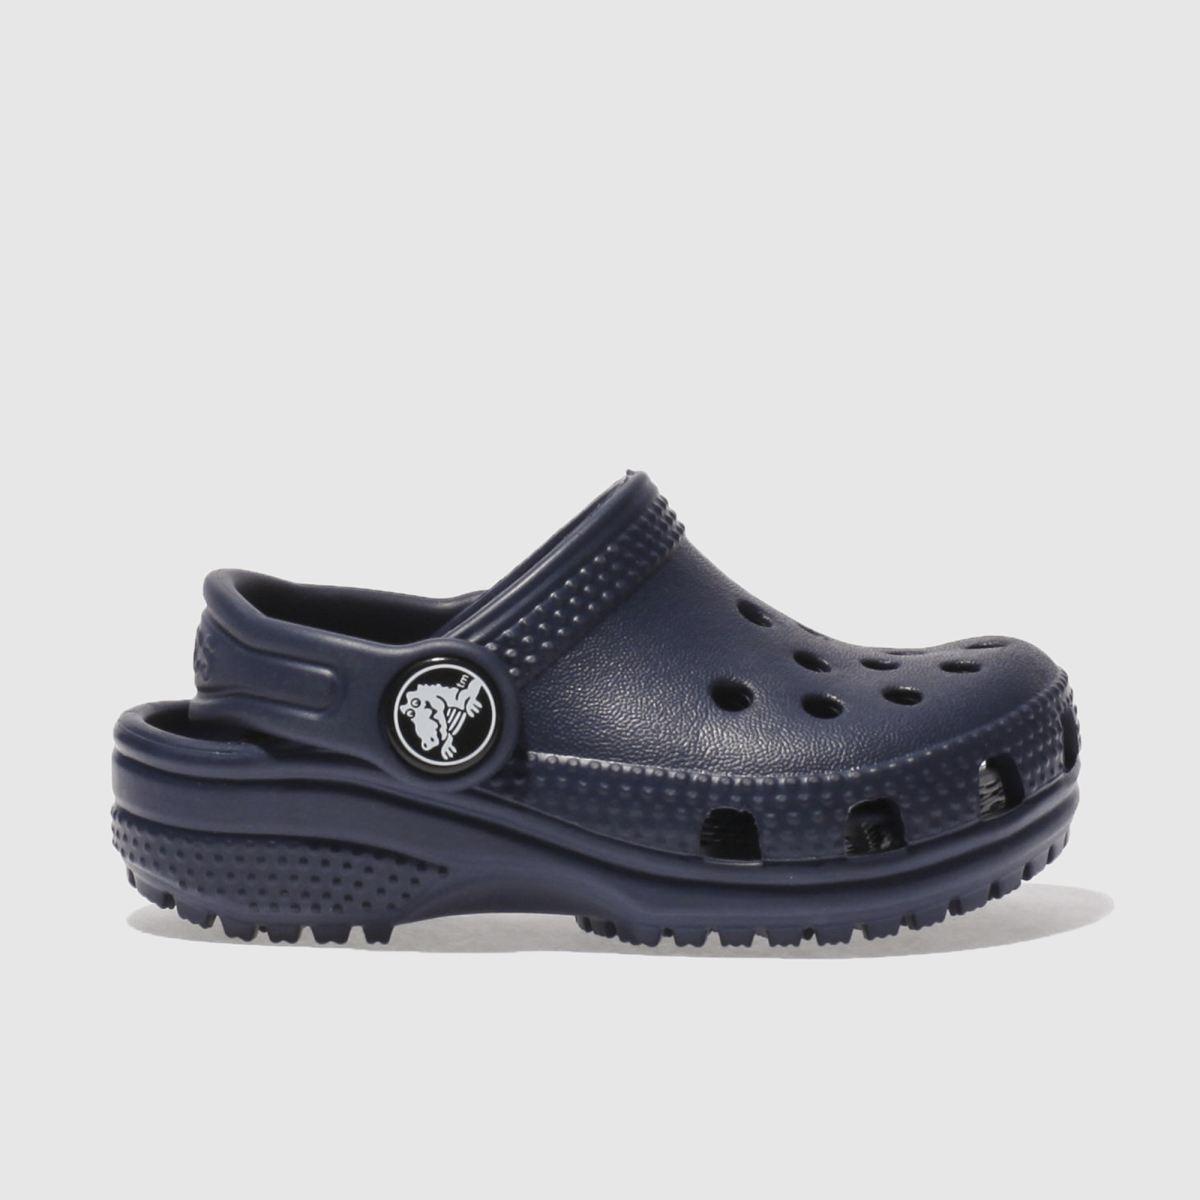 Crocs Navy Classic Clog Unisex Toddler Toddler